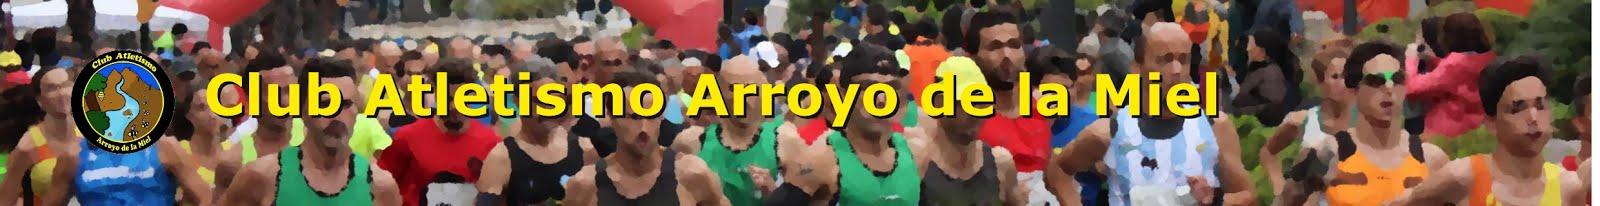 Club de Atletismo Arroyo de la Miel